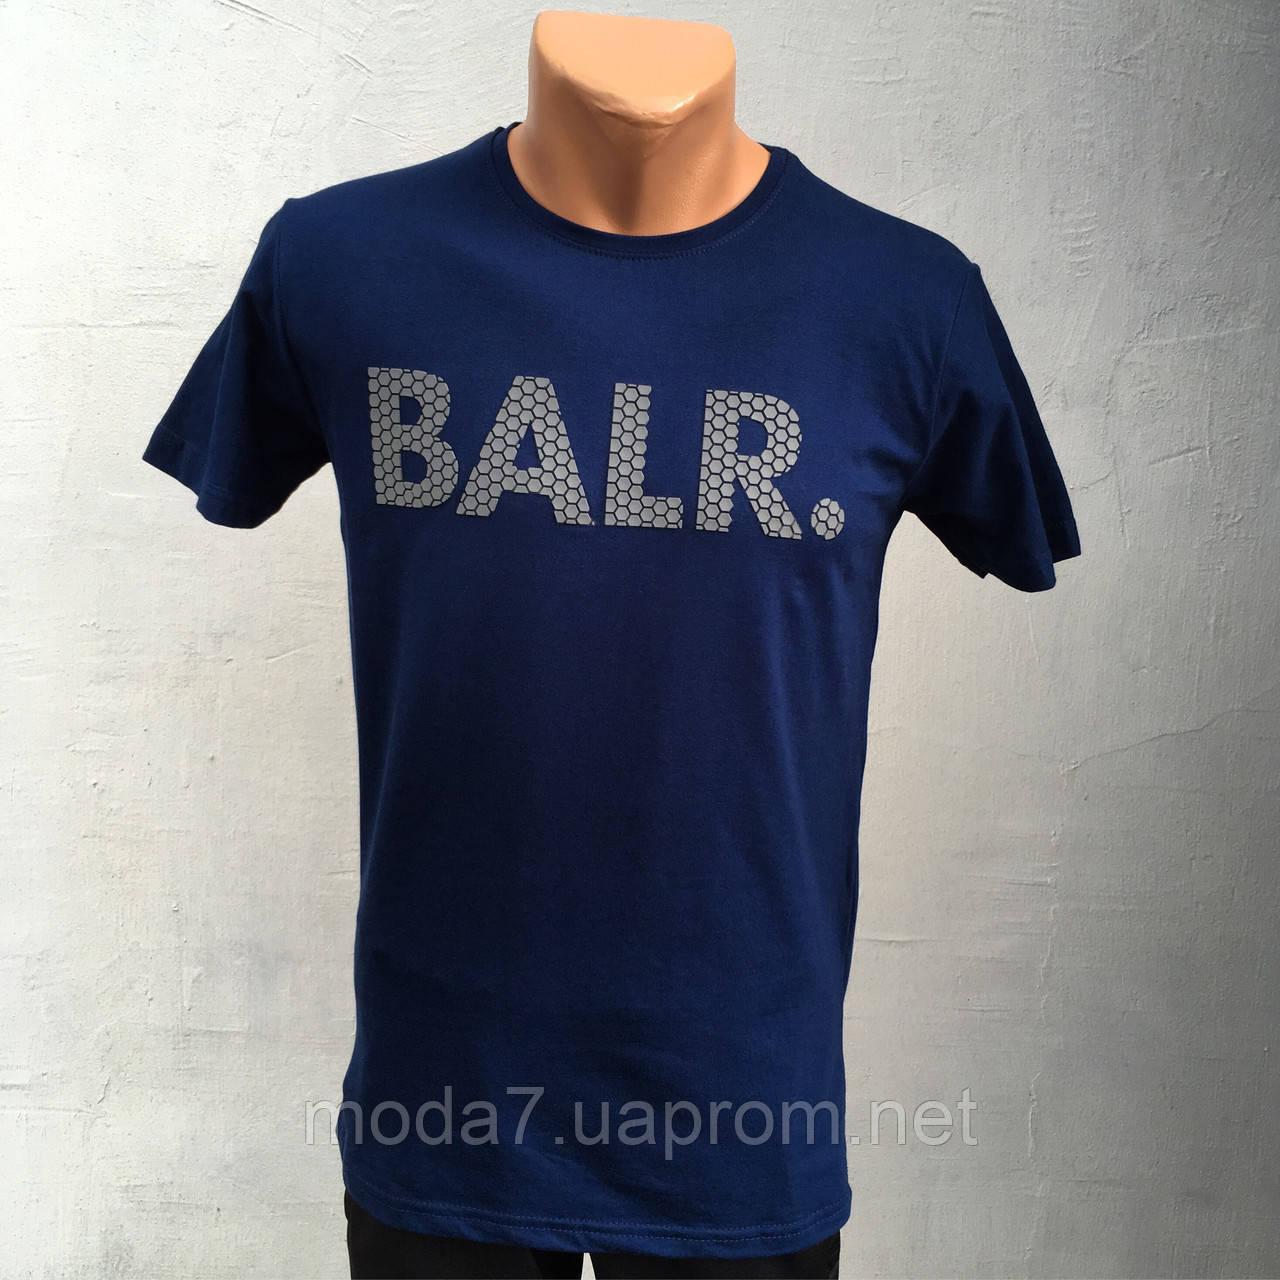 Футболка мужская синяя Турция